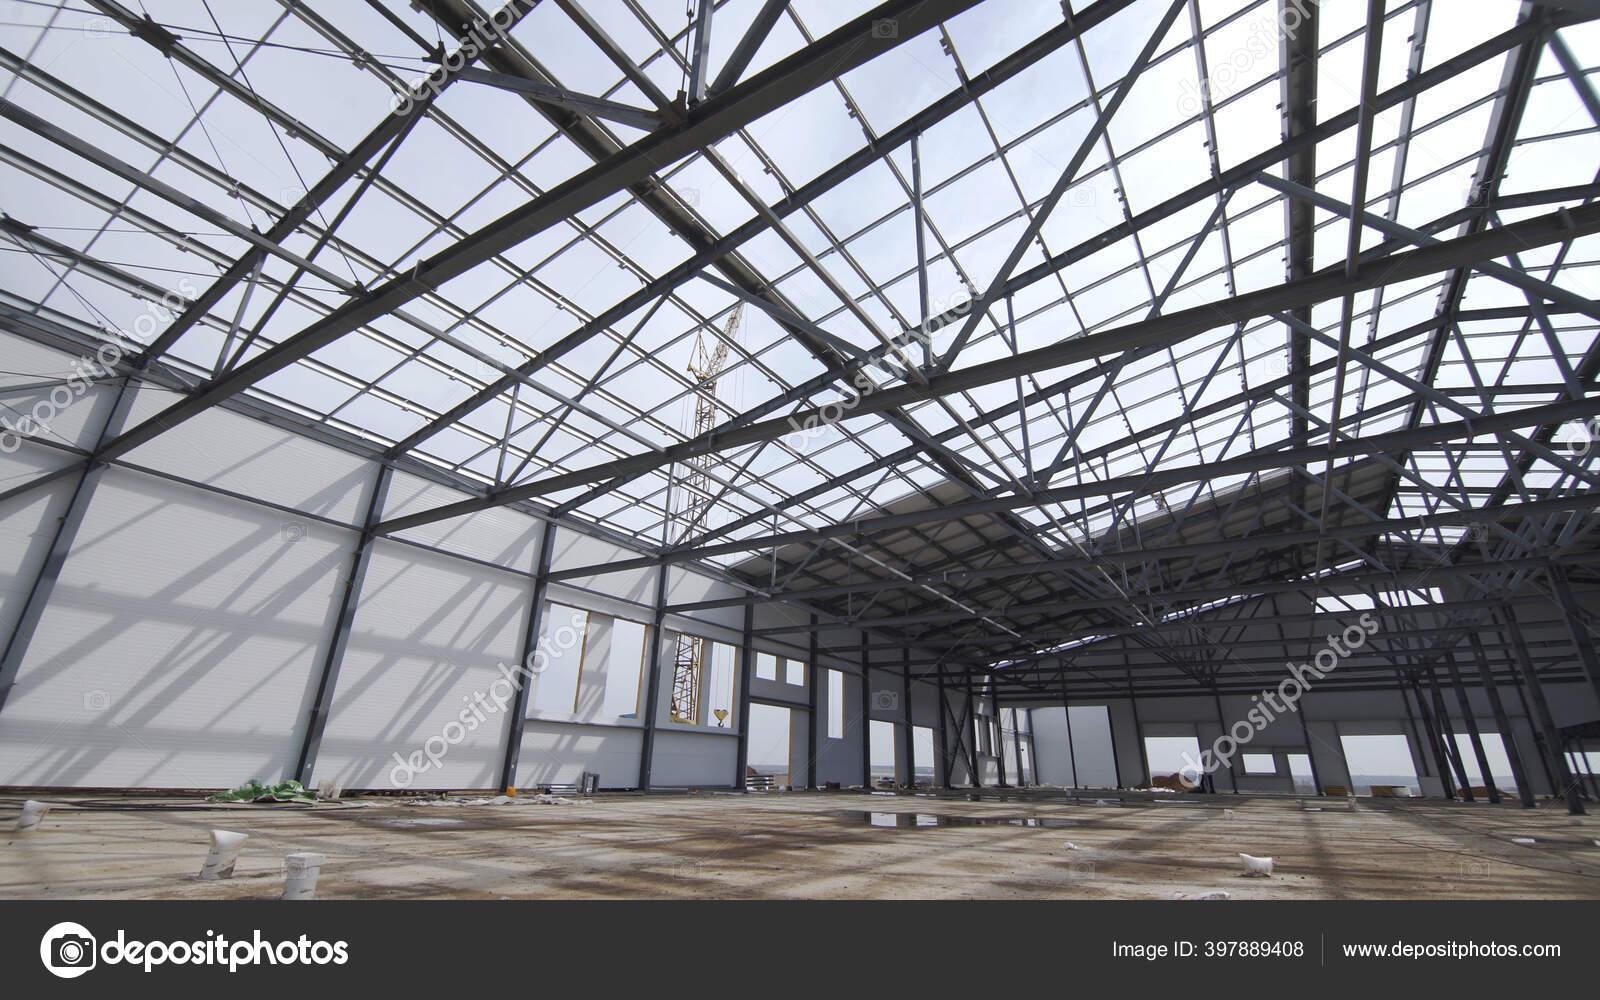 Pembangunan Pabrik Atau Gudang Modern Eksterior Industri Modern Pemandangan Panorama Tempat Konstruksi Gudang Modern Struktur Struktural Baja Bangunan Komersial Baru Stok Foto C Spocktv 397889408